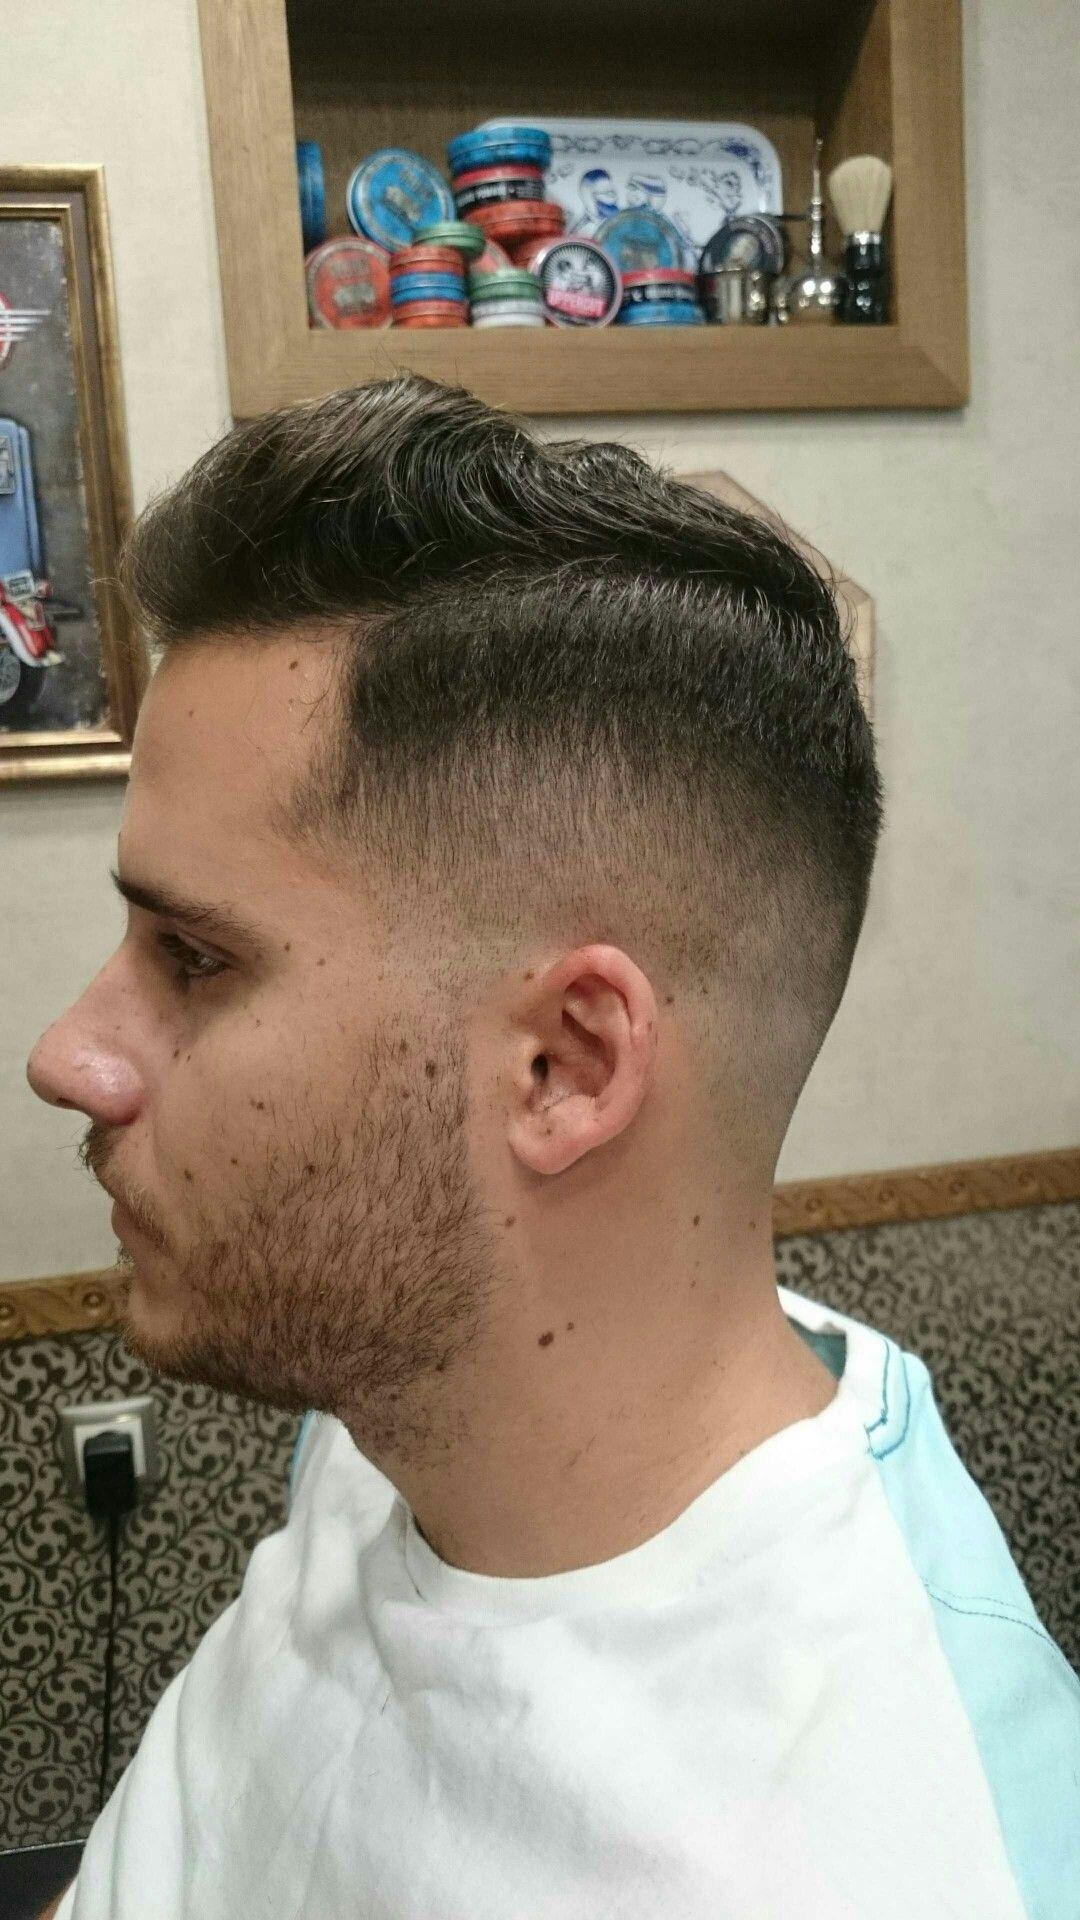 Hlias barber liakostico on pinterest